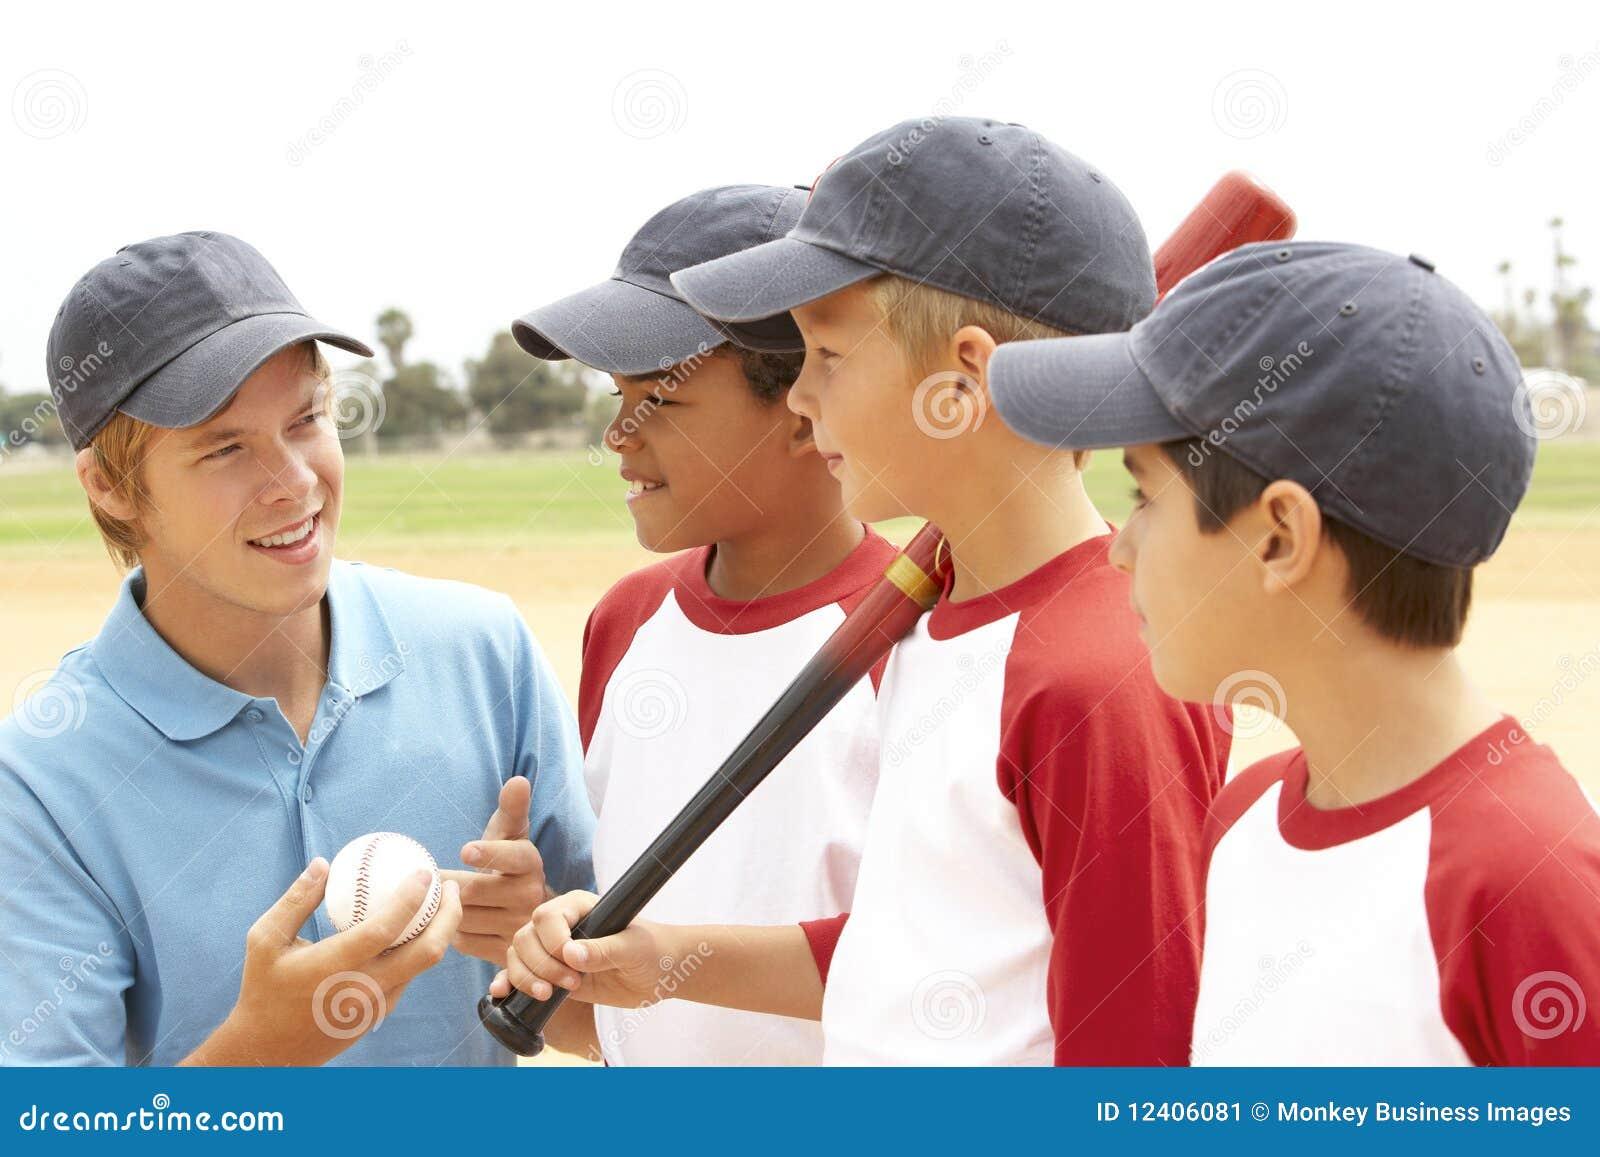 baseball coaching 2018 baseball coaching staff - quincy university  josh keim, assistant coach  & recruiting coordinator, keimjo@quincyedu, (217) 228-5432, ext 3504.